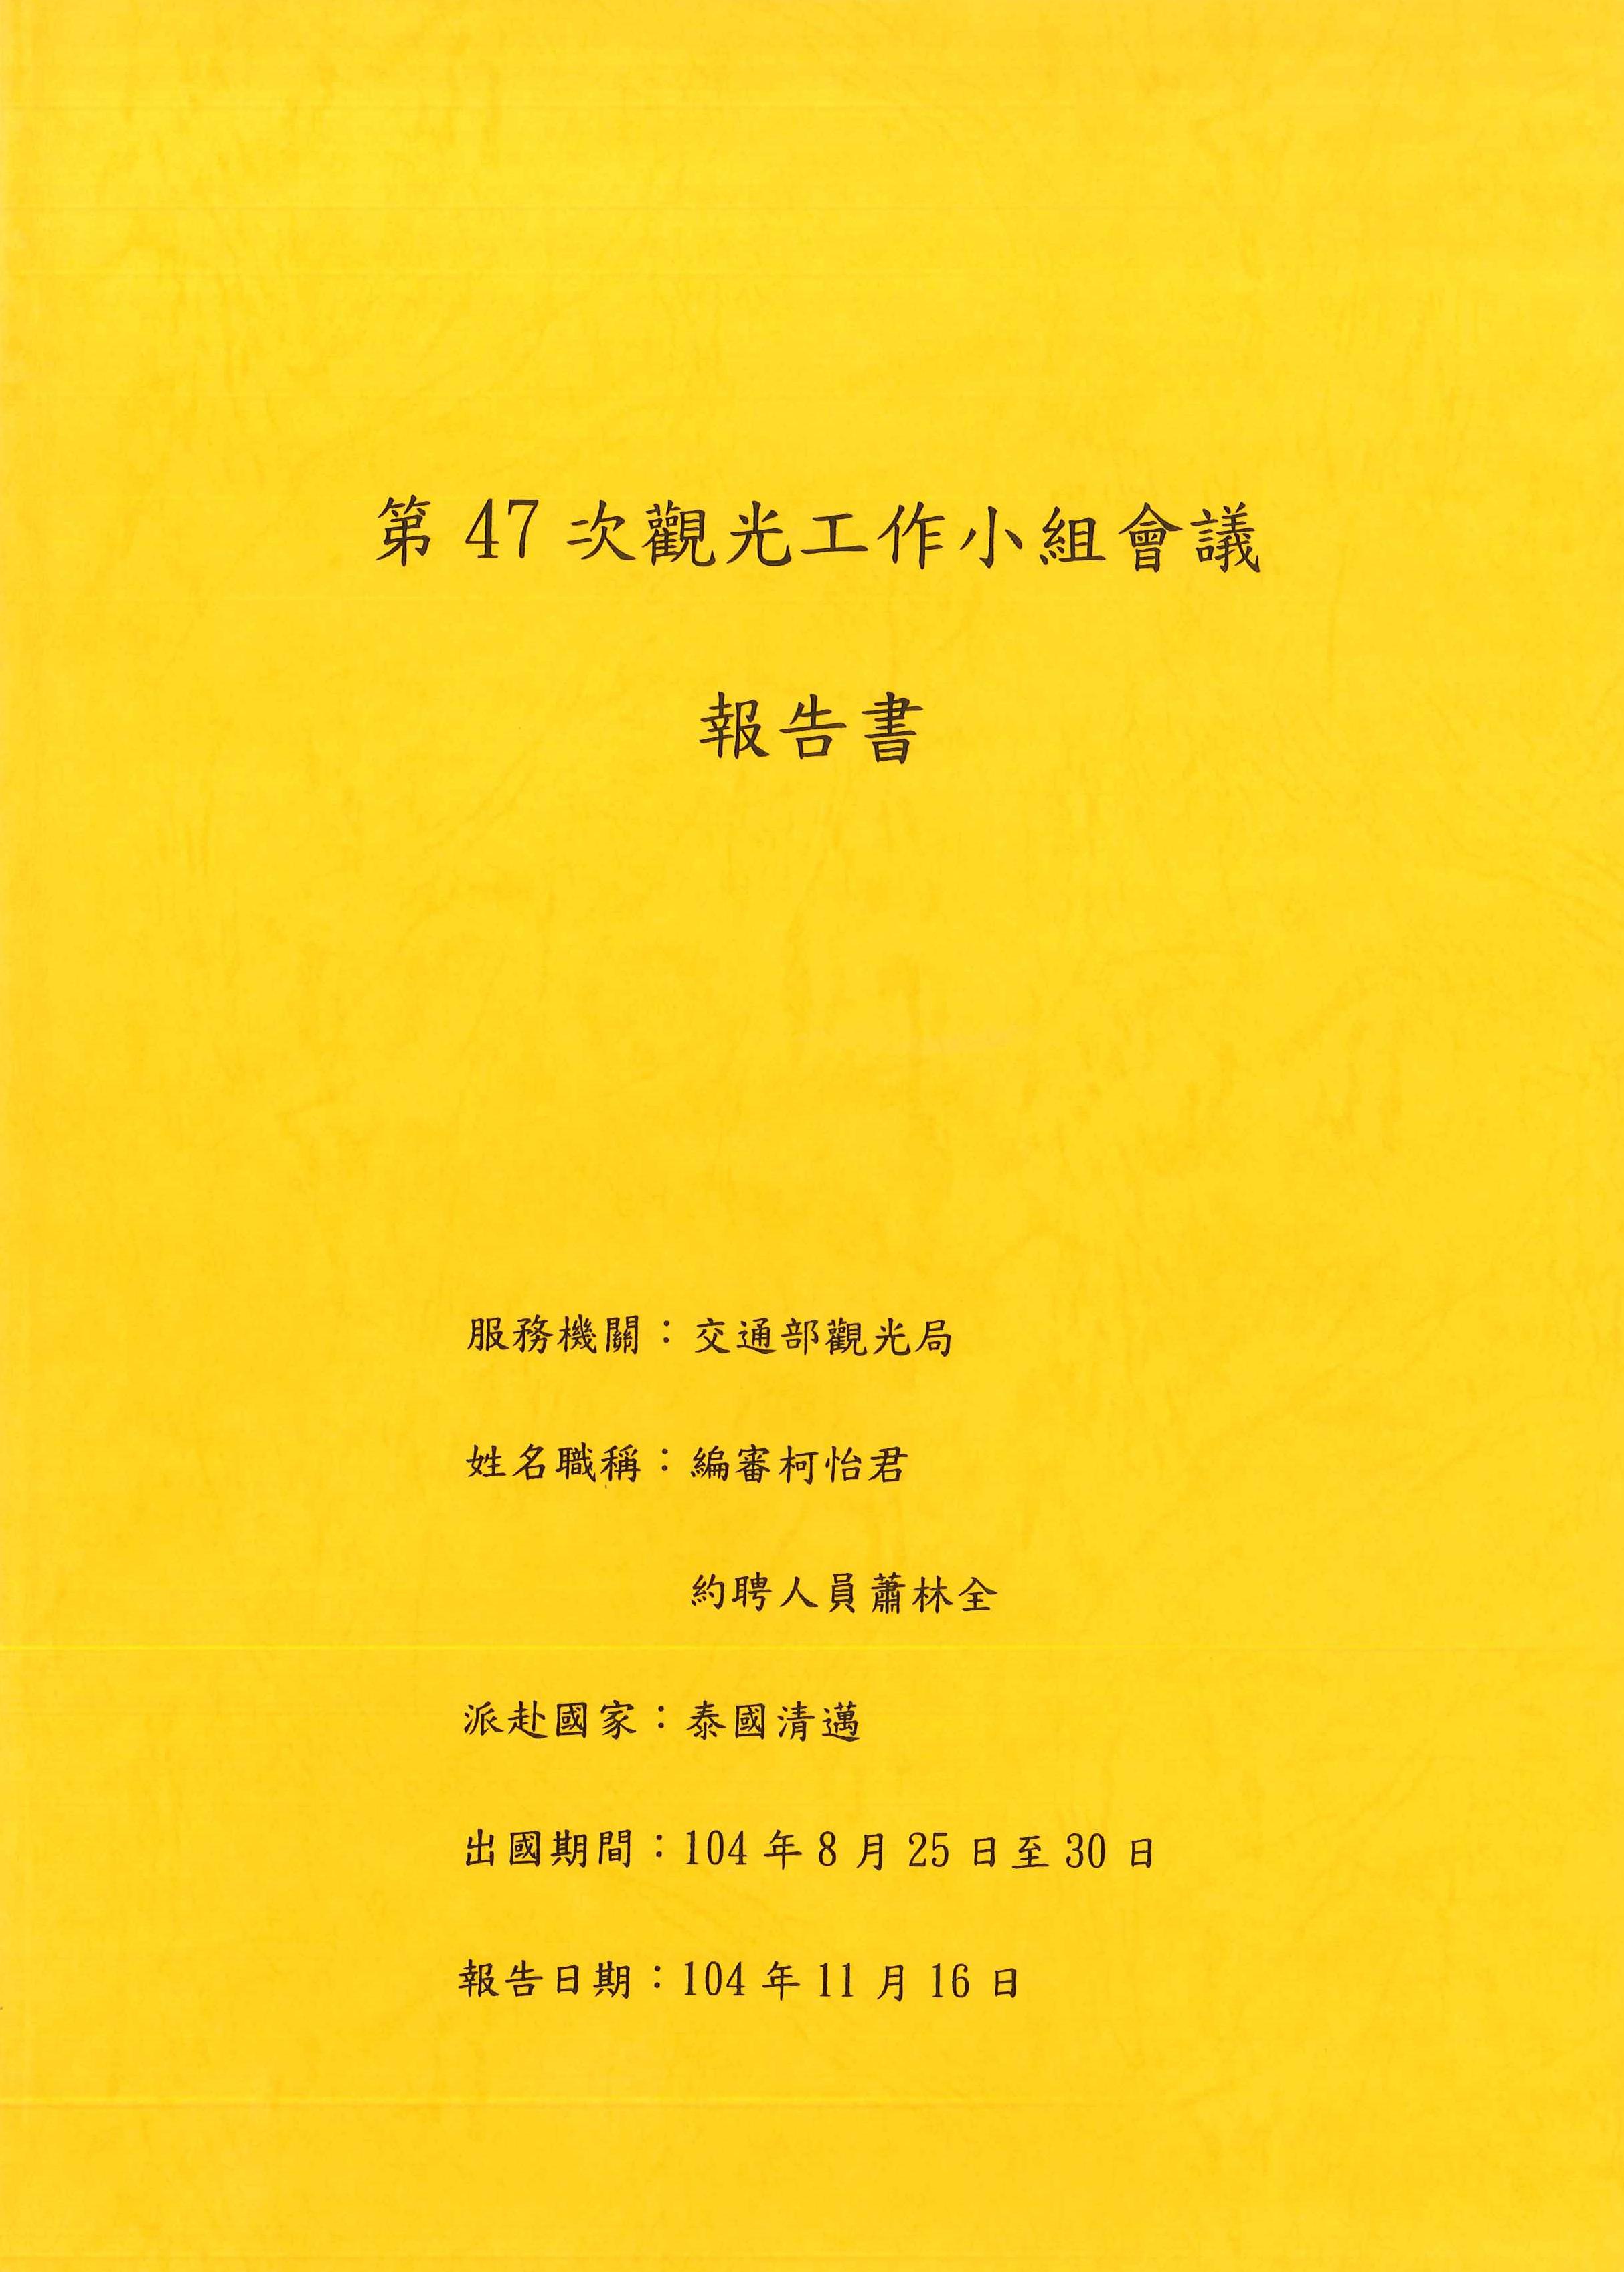 第47次觀光工作小組會議報告書